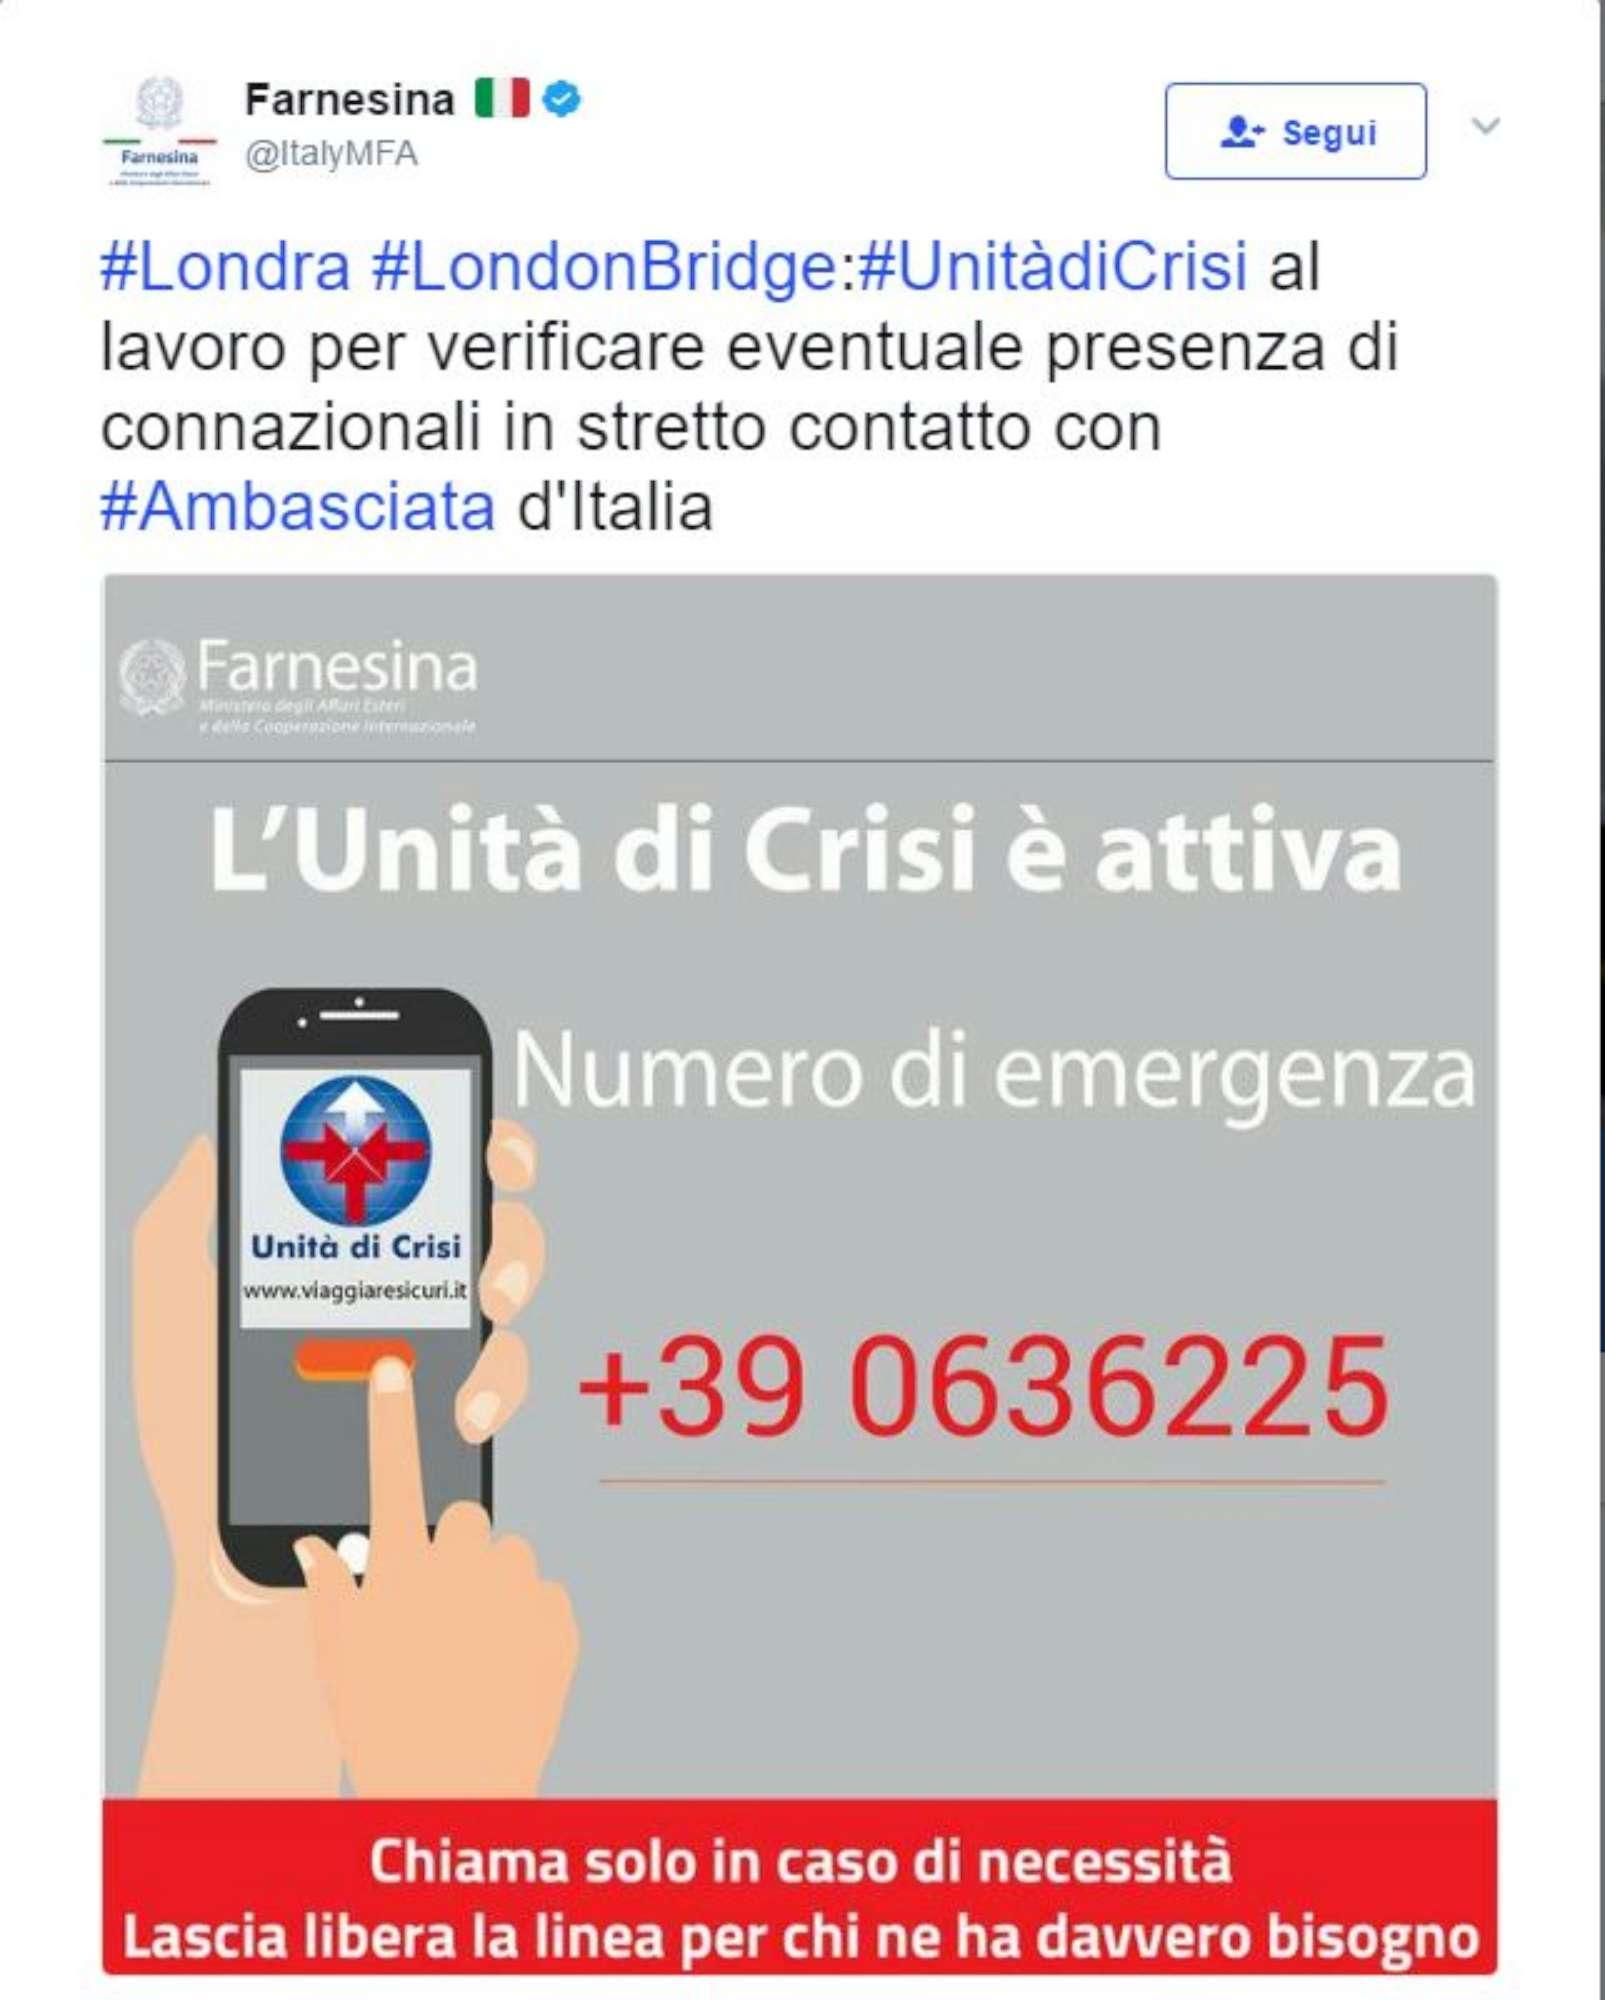 Attacco a Londra,attiva l Unità di crisi della Farnesina: ecco il numero di emergenza